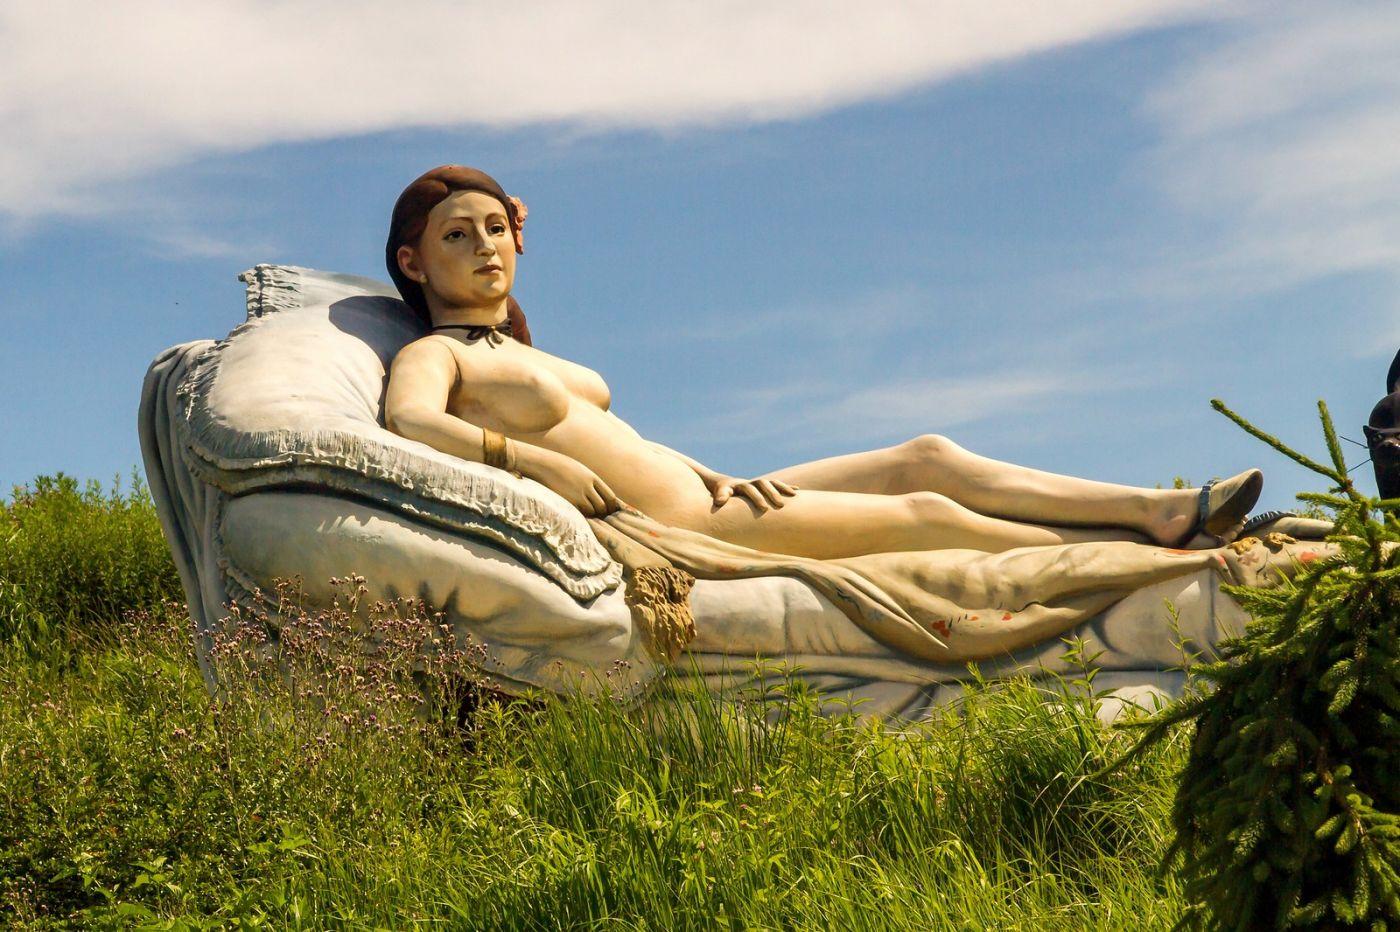 新泽西州雕塑公园(Grounds for scuplture),题材很广_图1-11